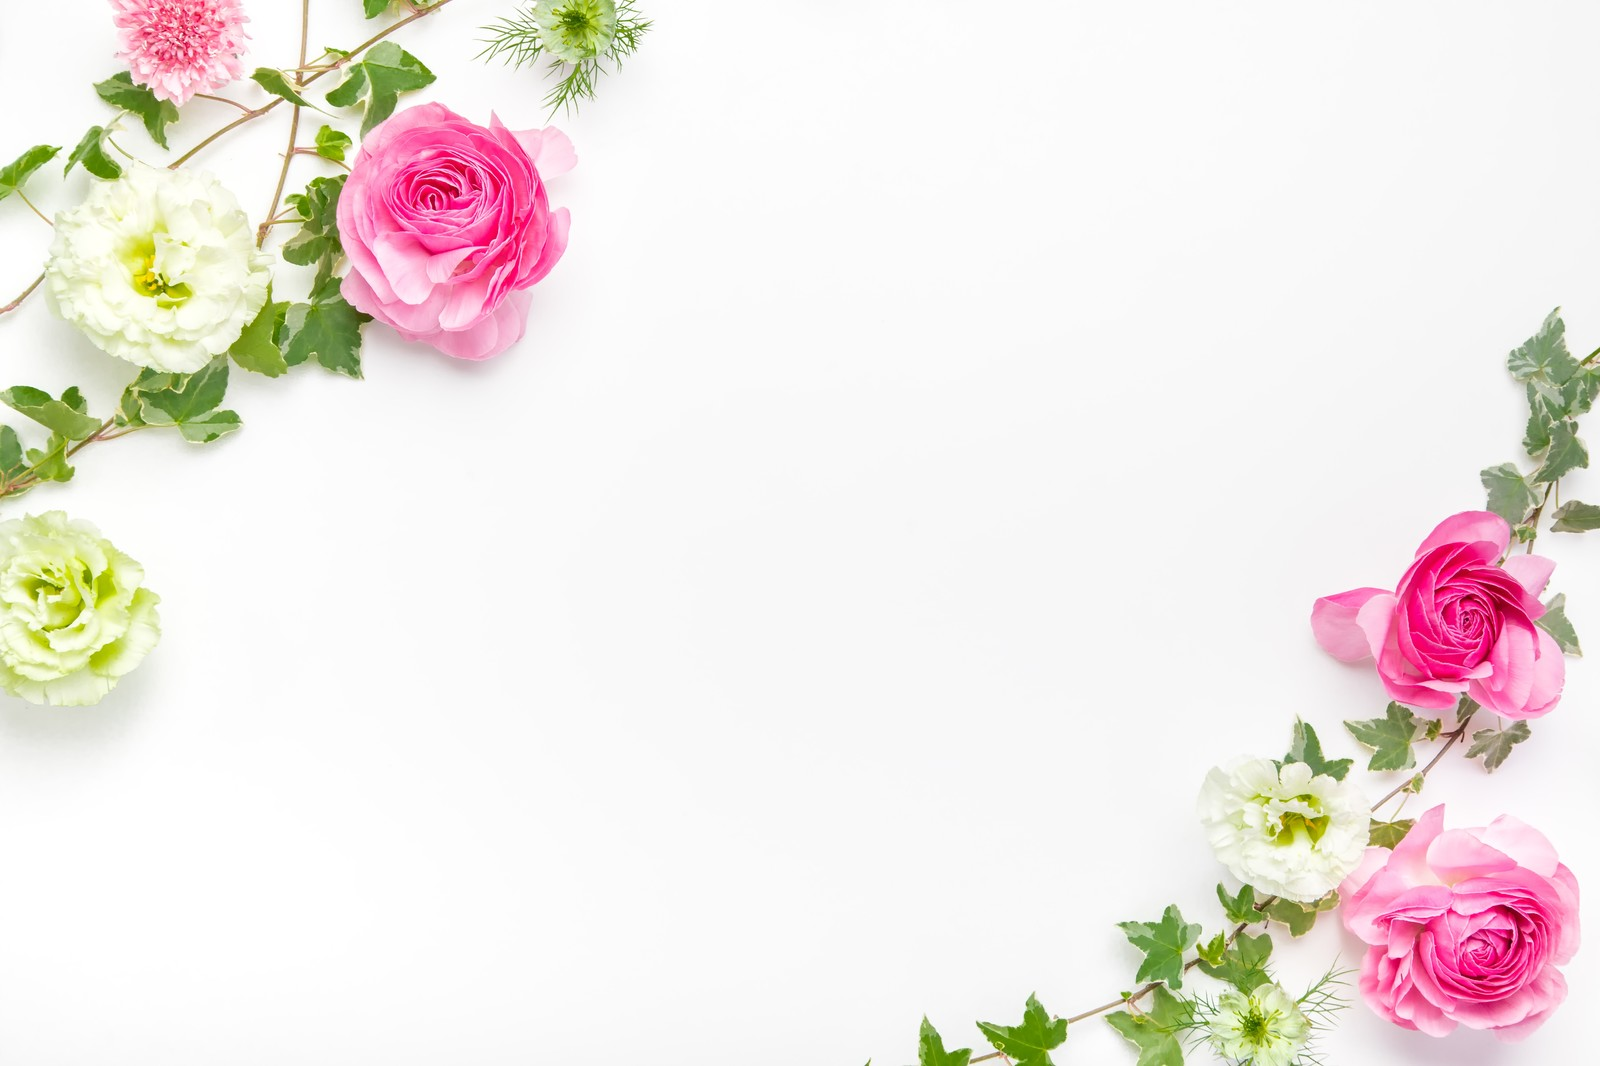 「アイビーと薔薇のフレーム」の写真